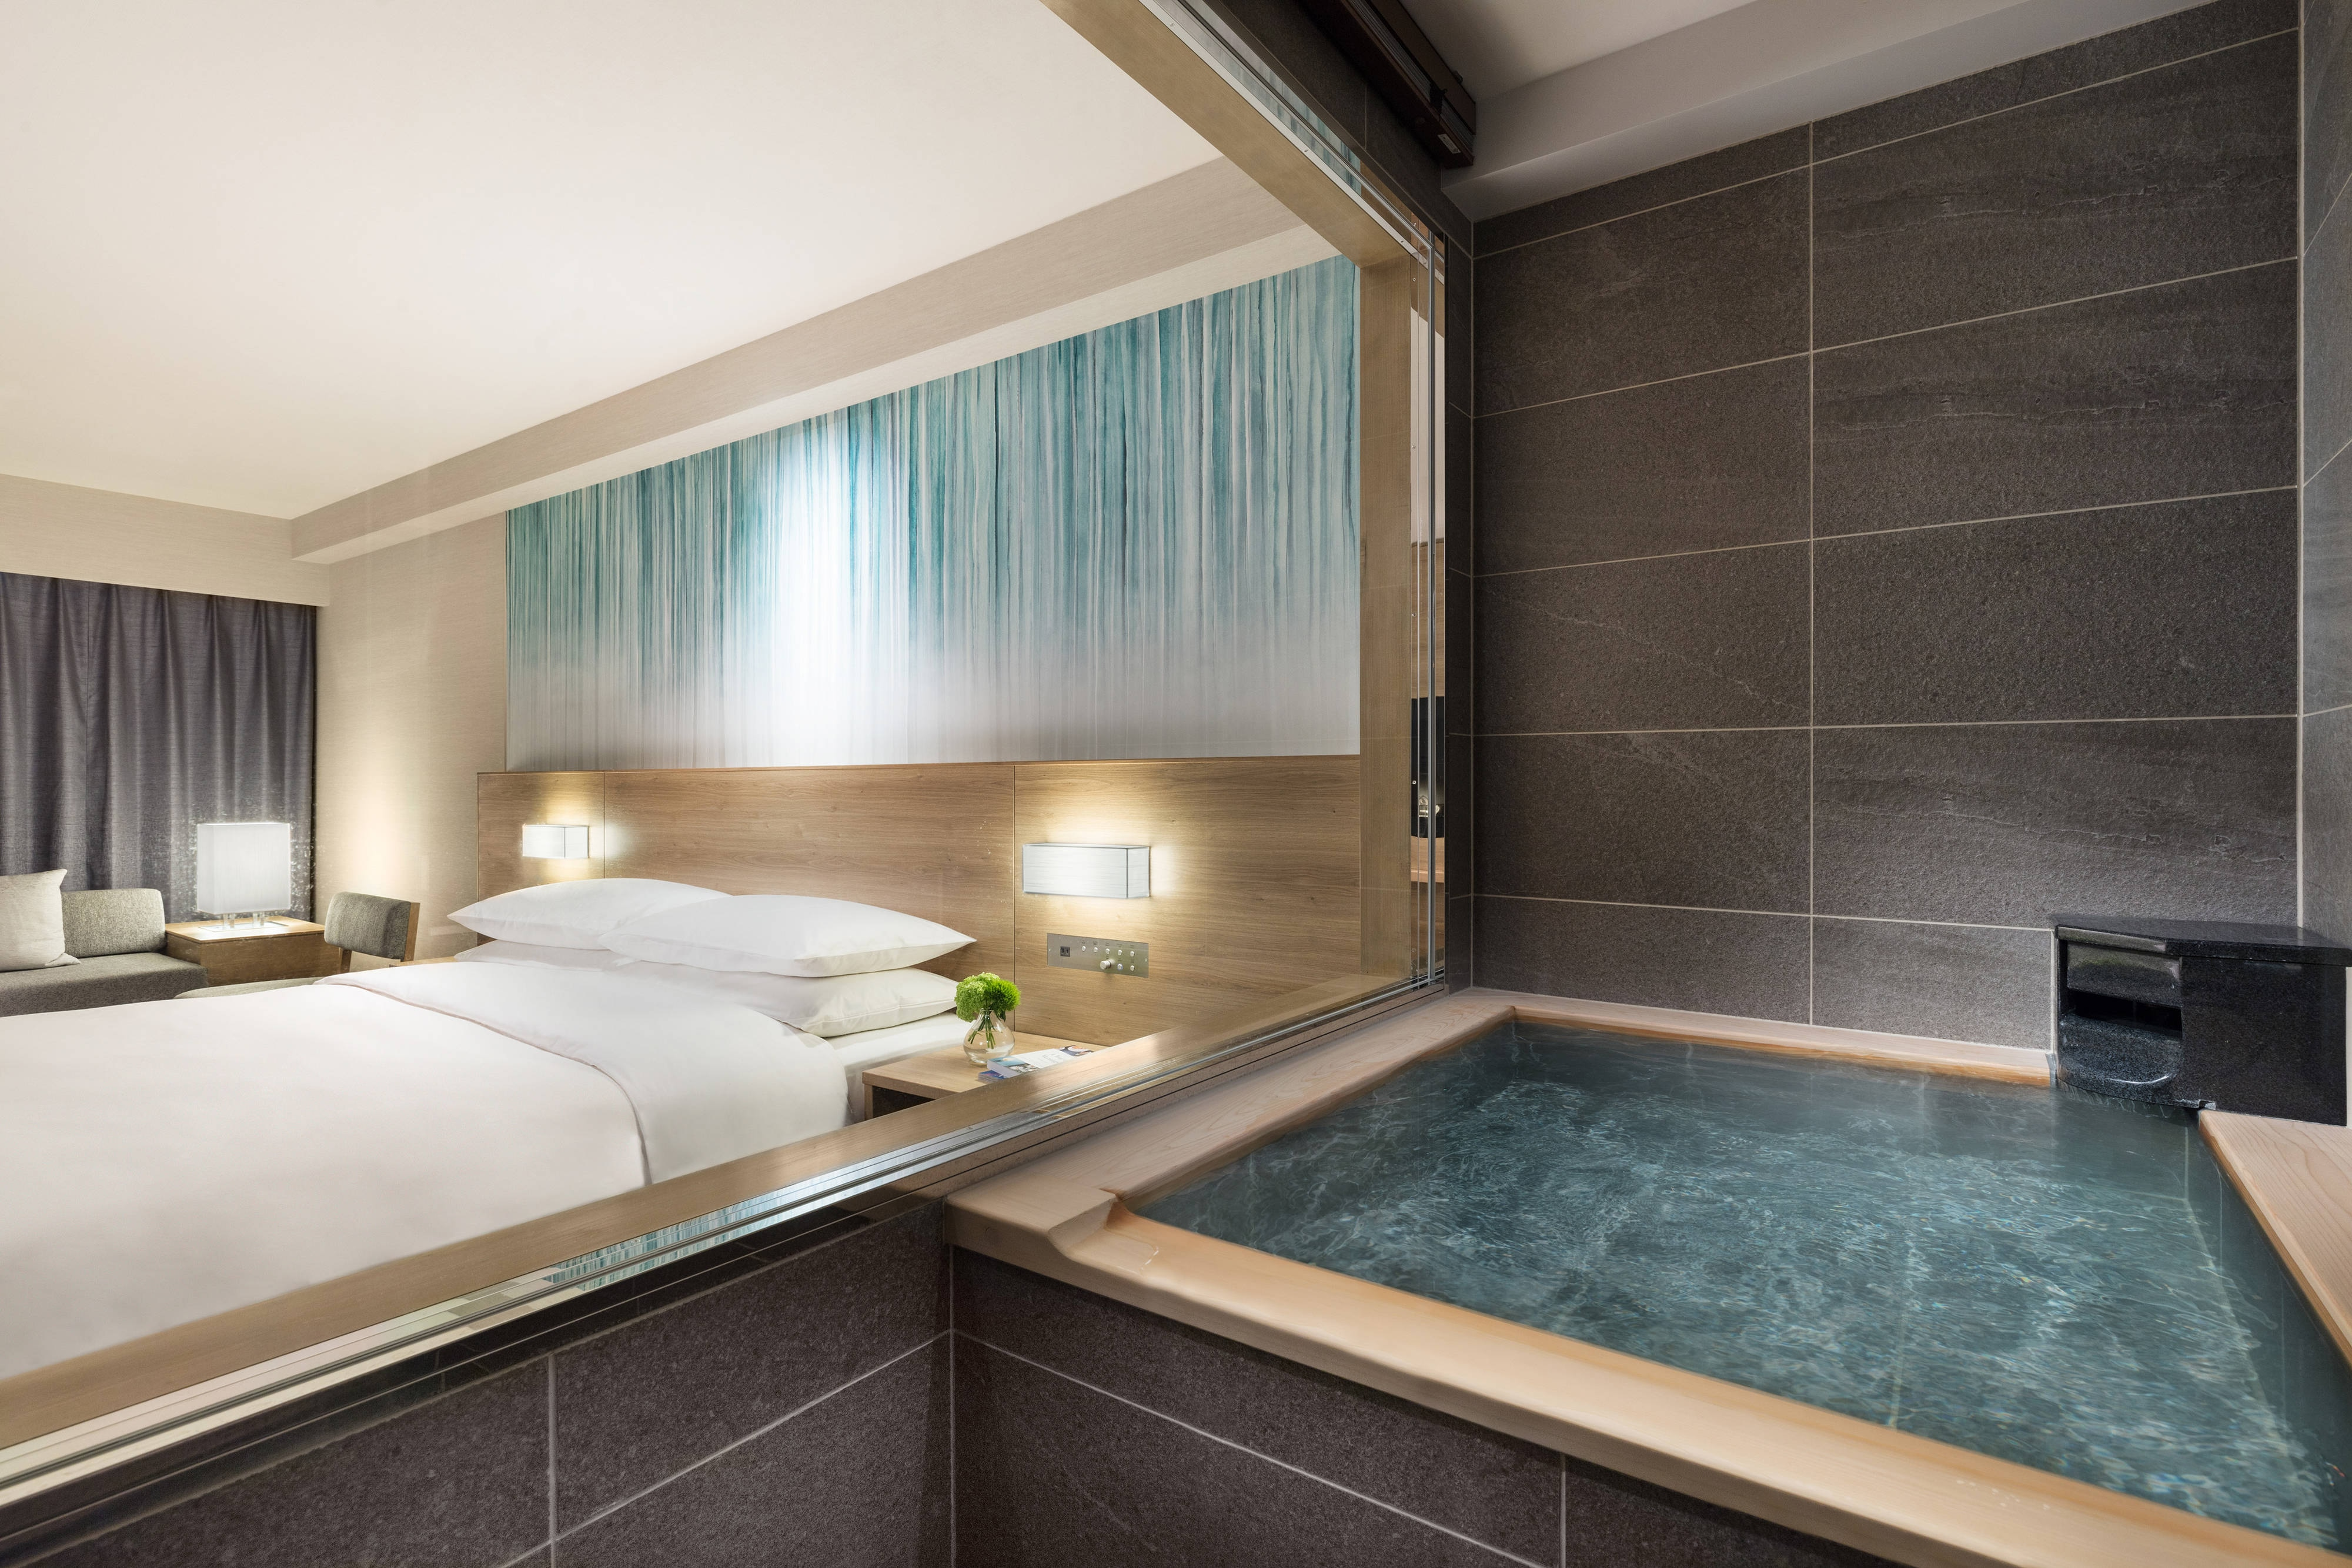 Premium-Gästezimmer mit zwei Doppelbetten und heißer Quelle